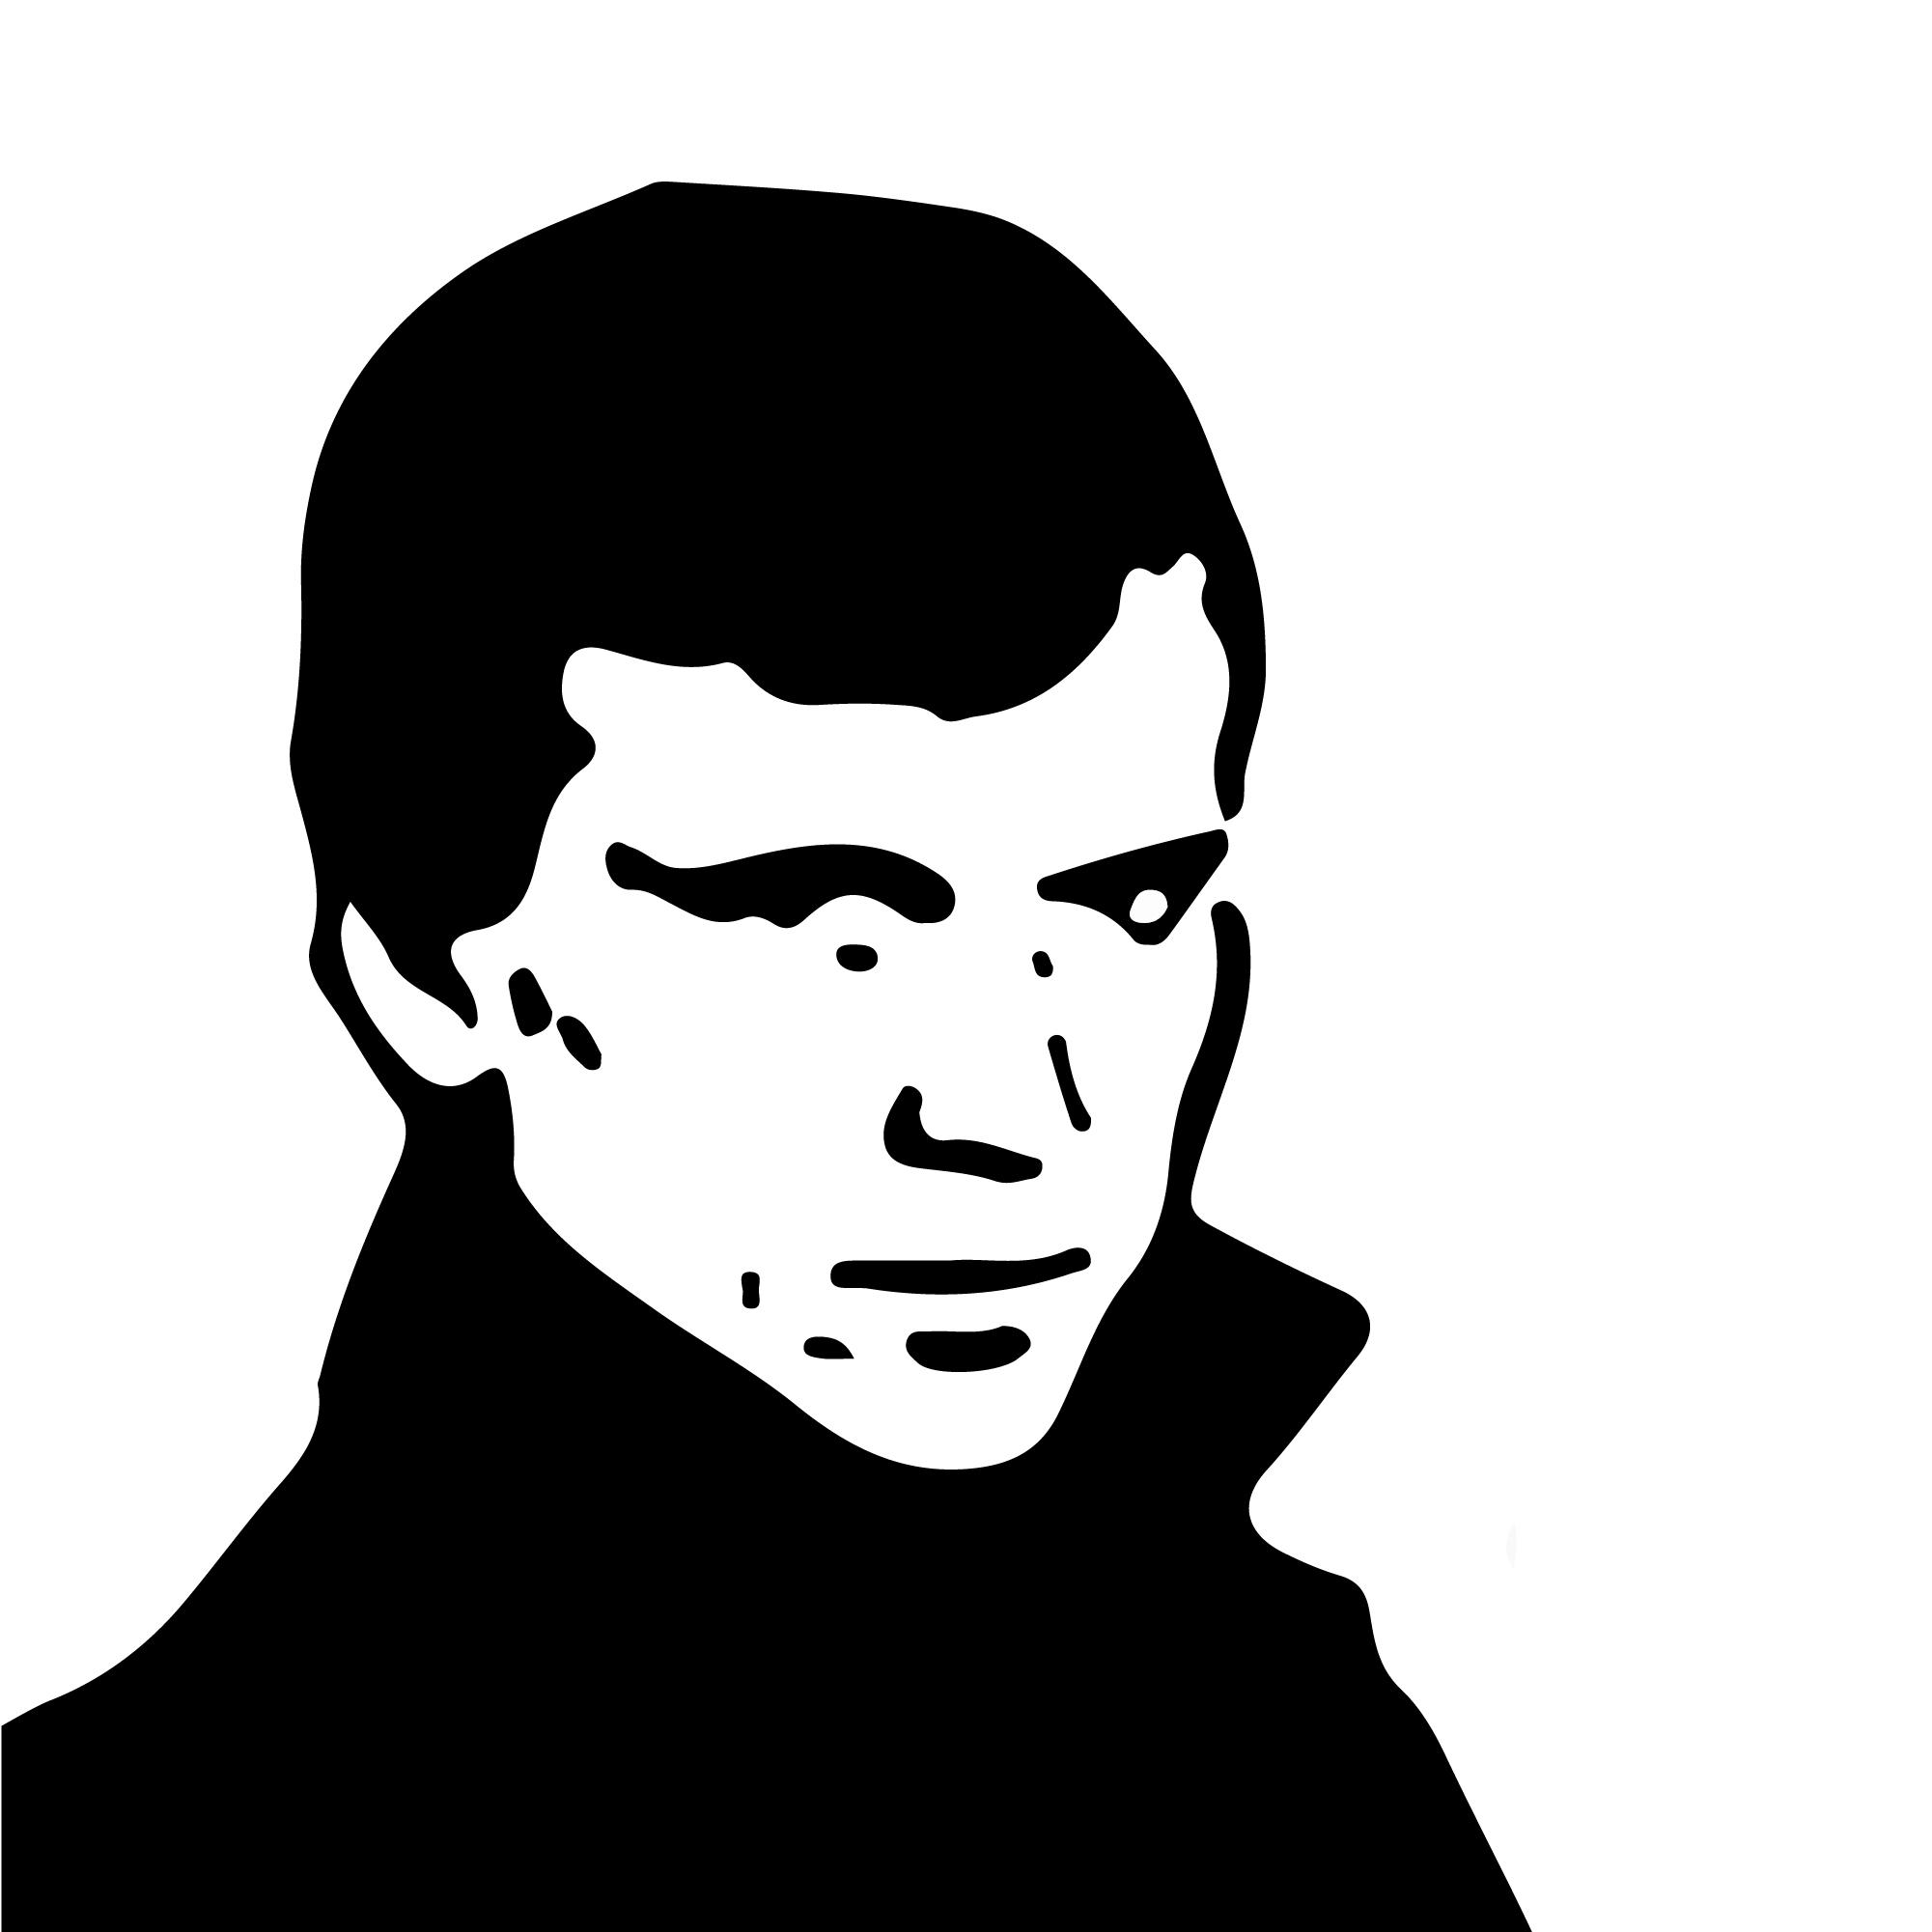 Jurko Gudź